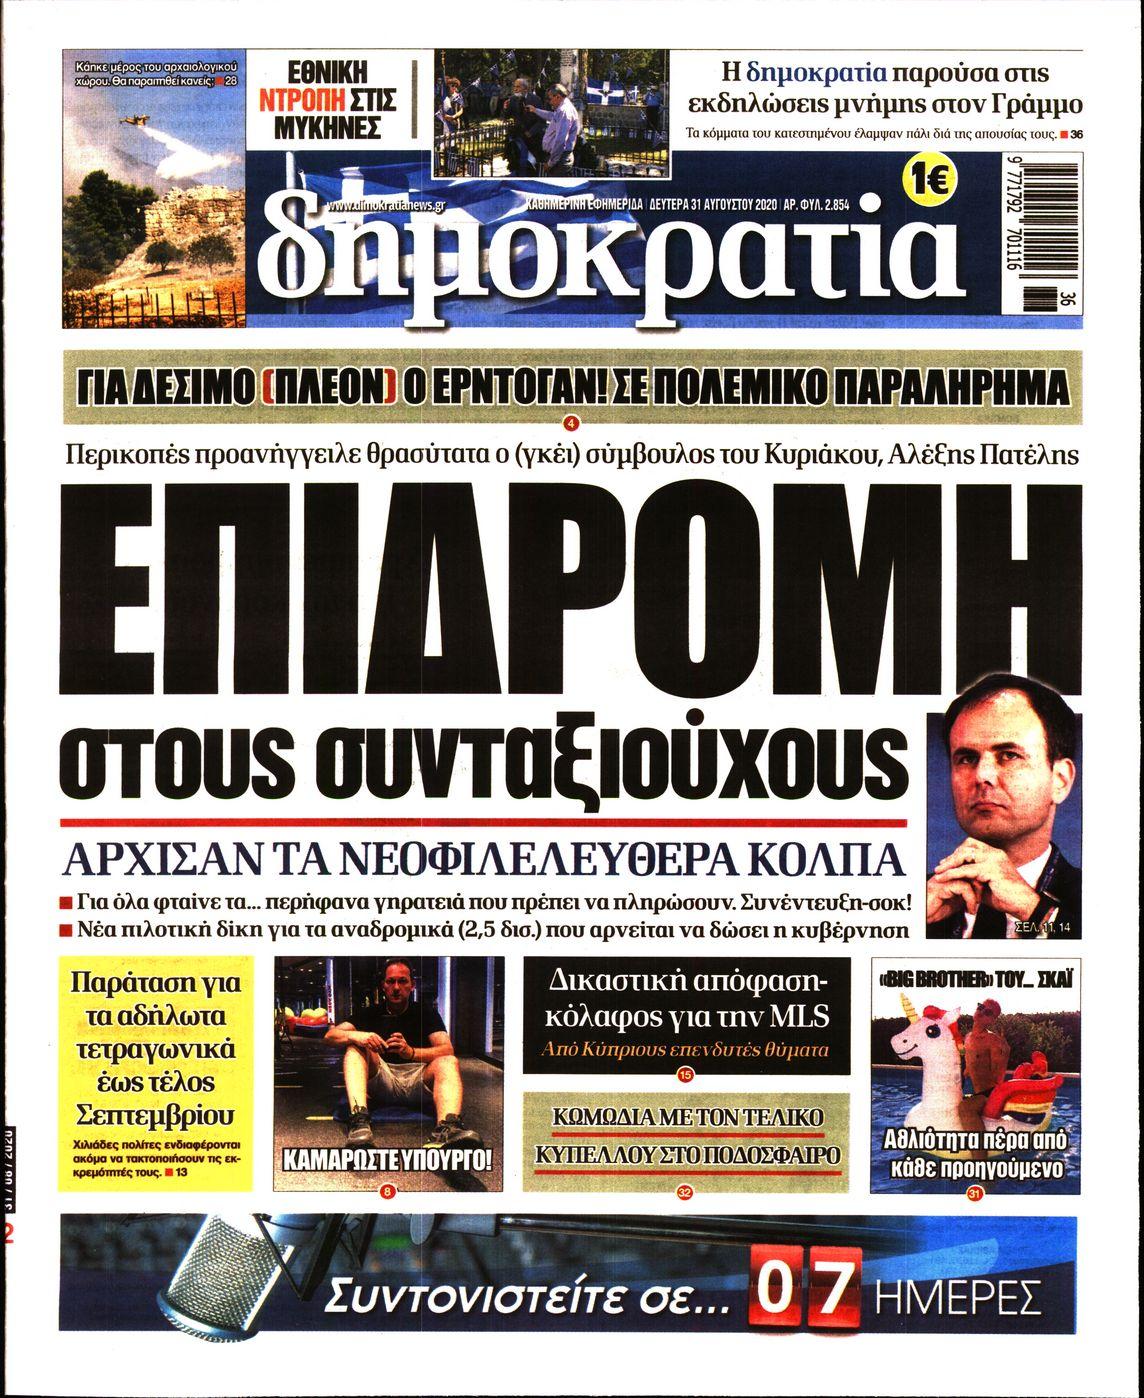 https://www.newsbeast.gr/files/1/newspapers/2020/08/31/27374525_5616.jpg